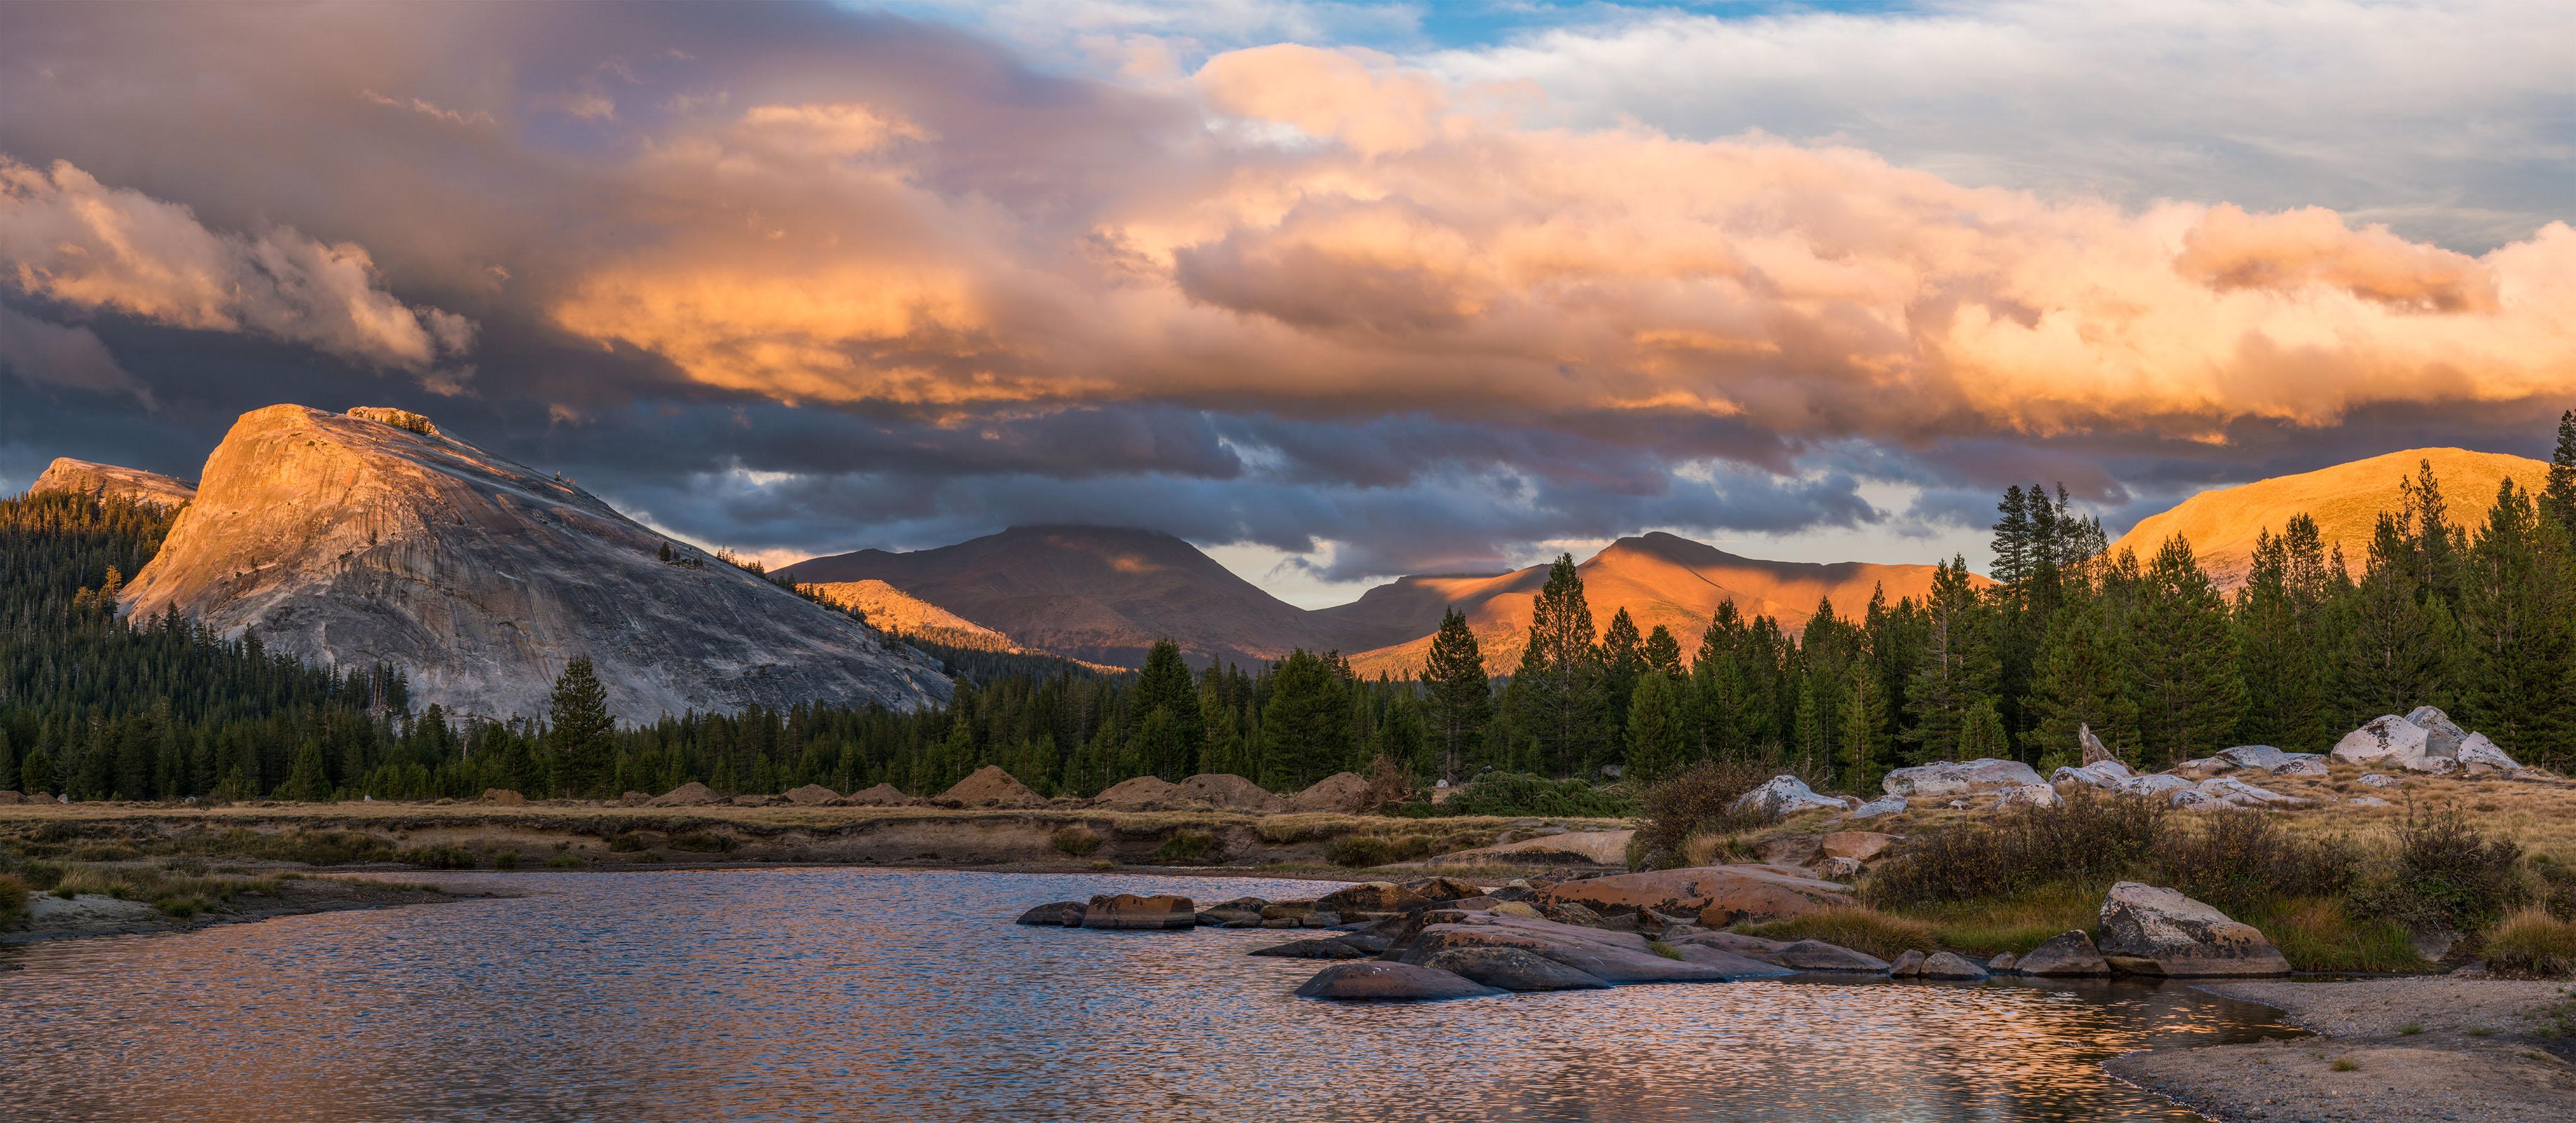 Autumn Sunset in Yosemites Tuolumne Meadows